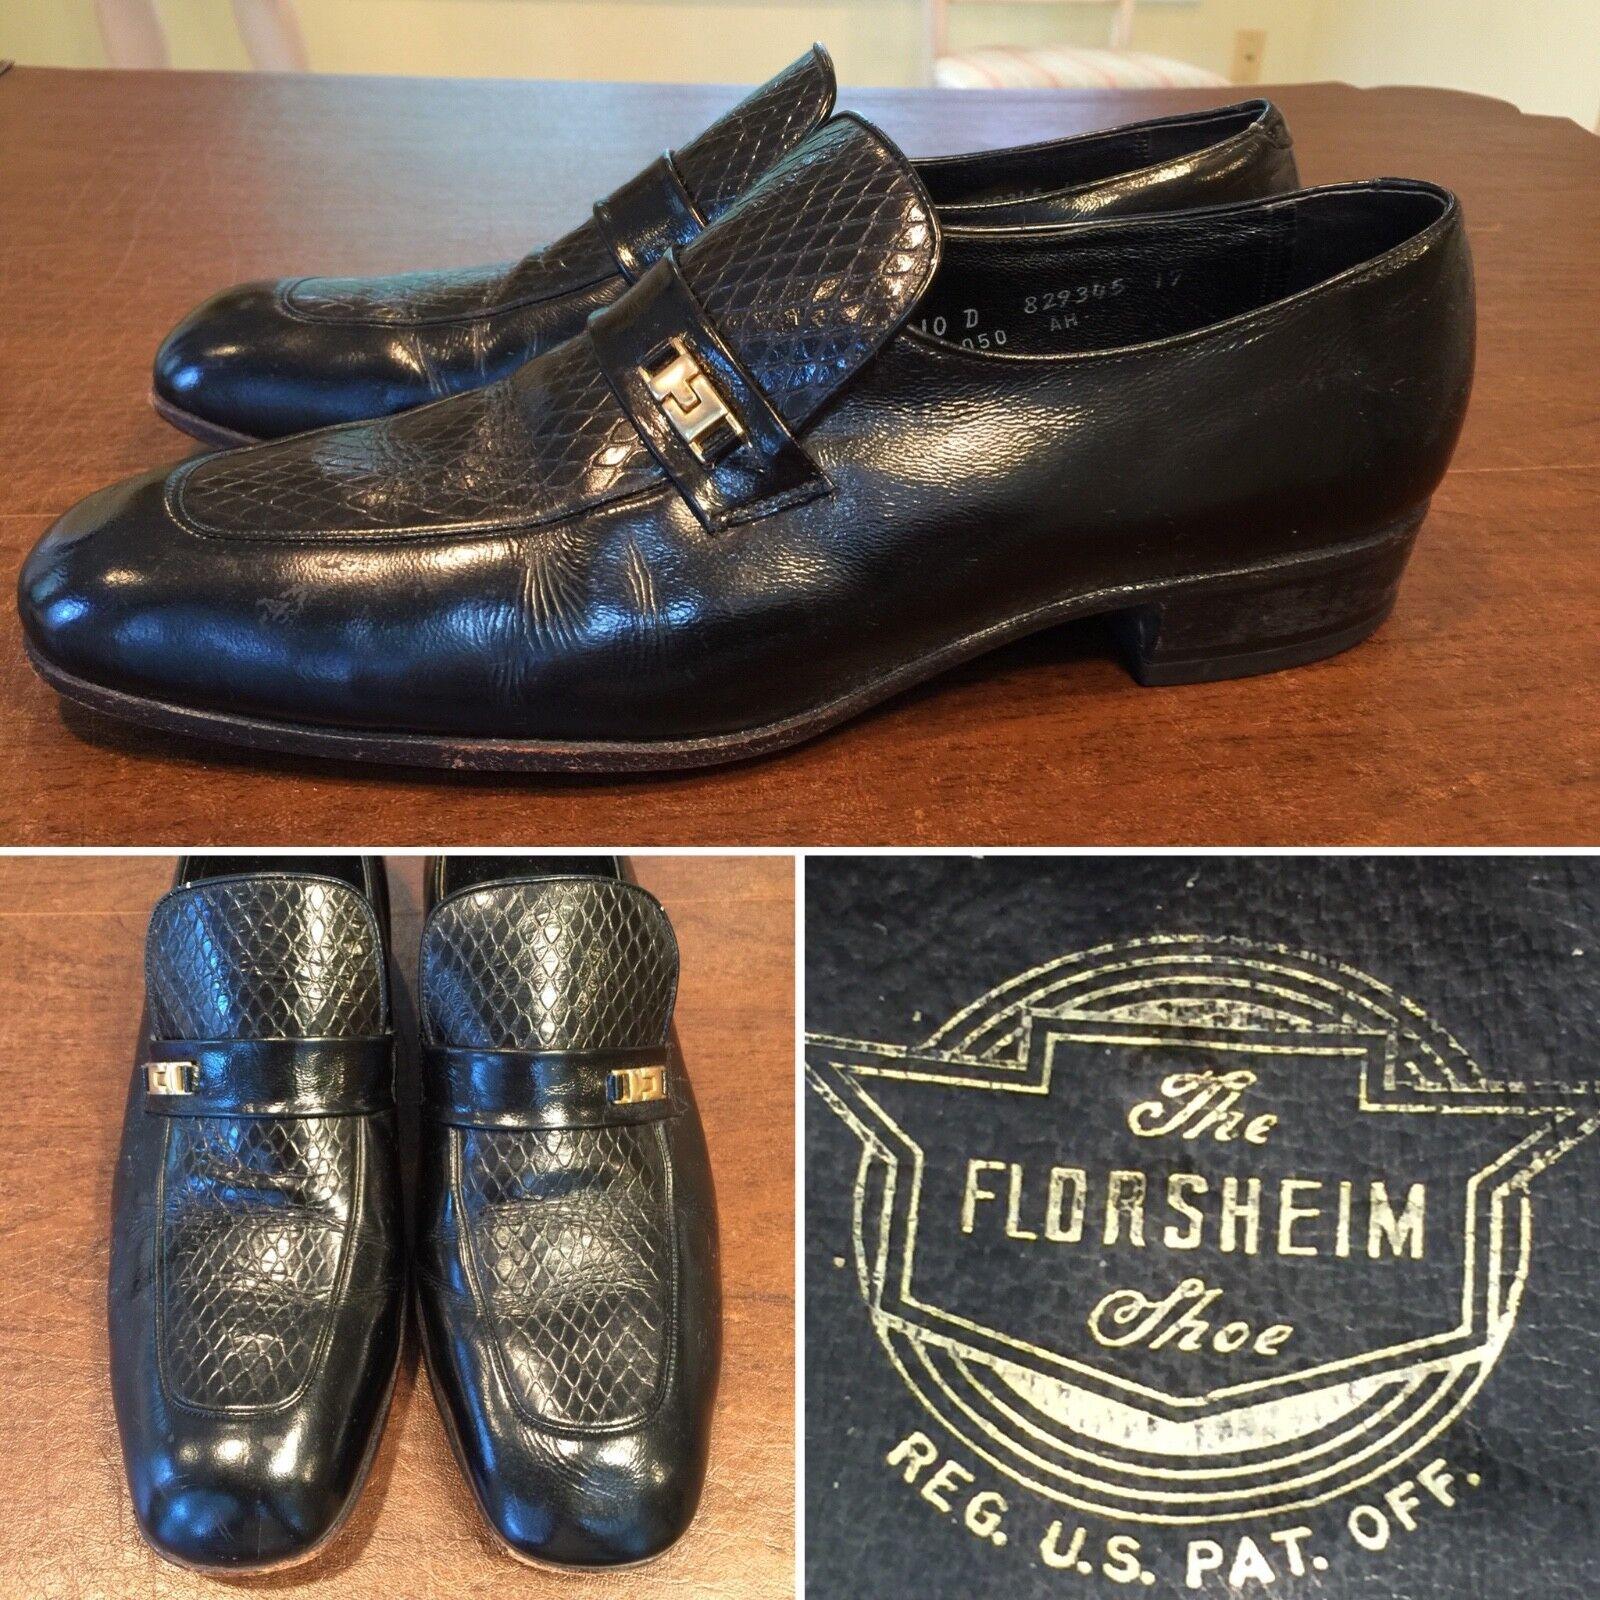 Vtg FLORSHEIM Size 10 Black Leather Snakeskin Emboss Loafers Slip-On Dress shoes